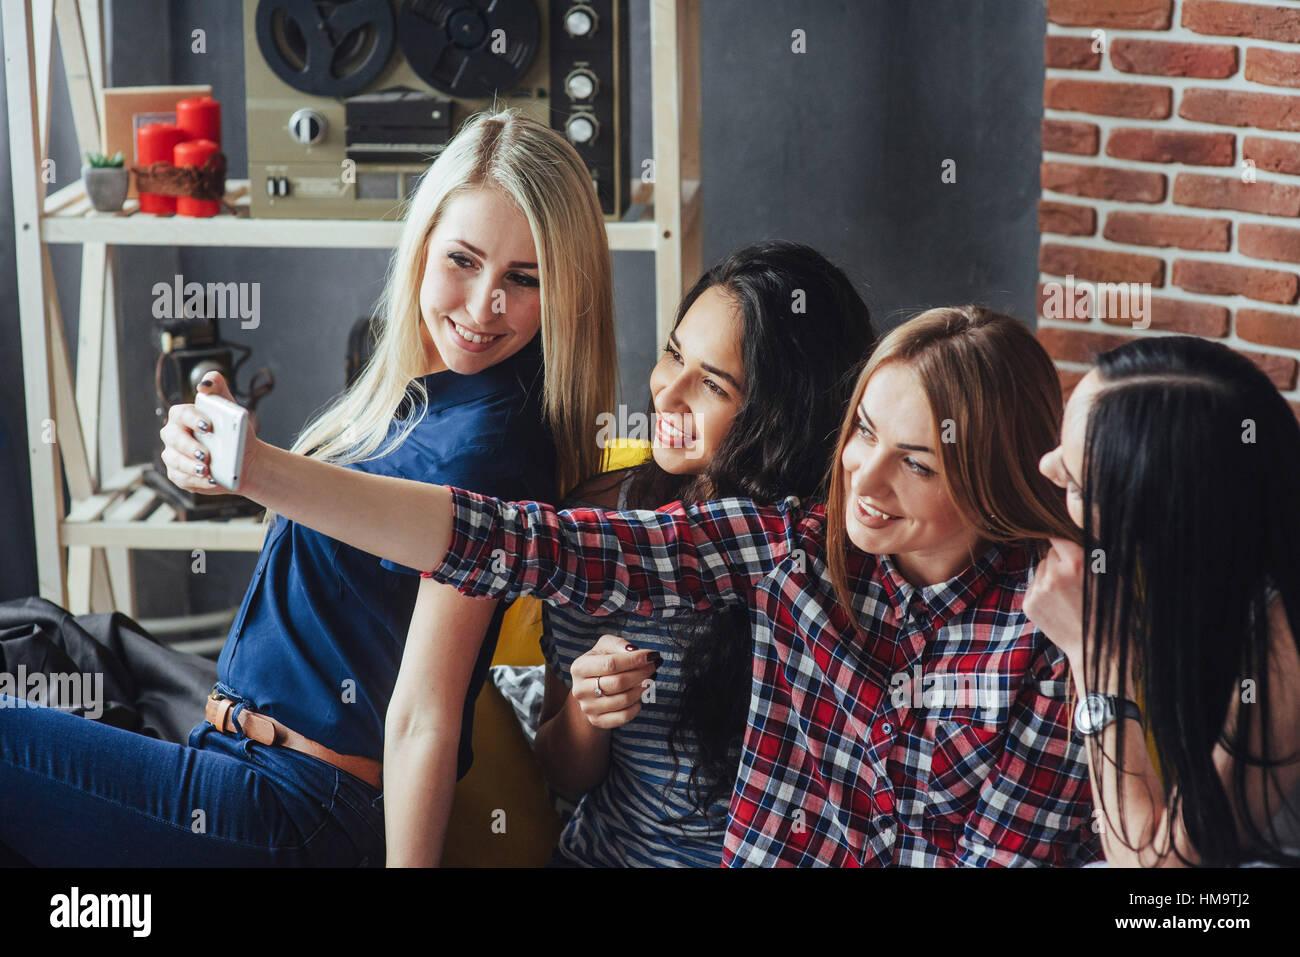 Vier schöne junge Frau tut Selfie in einem Café, beste Freunde Mädchen zusammen, die Spaß, posiert Stockbild